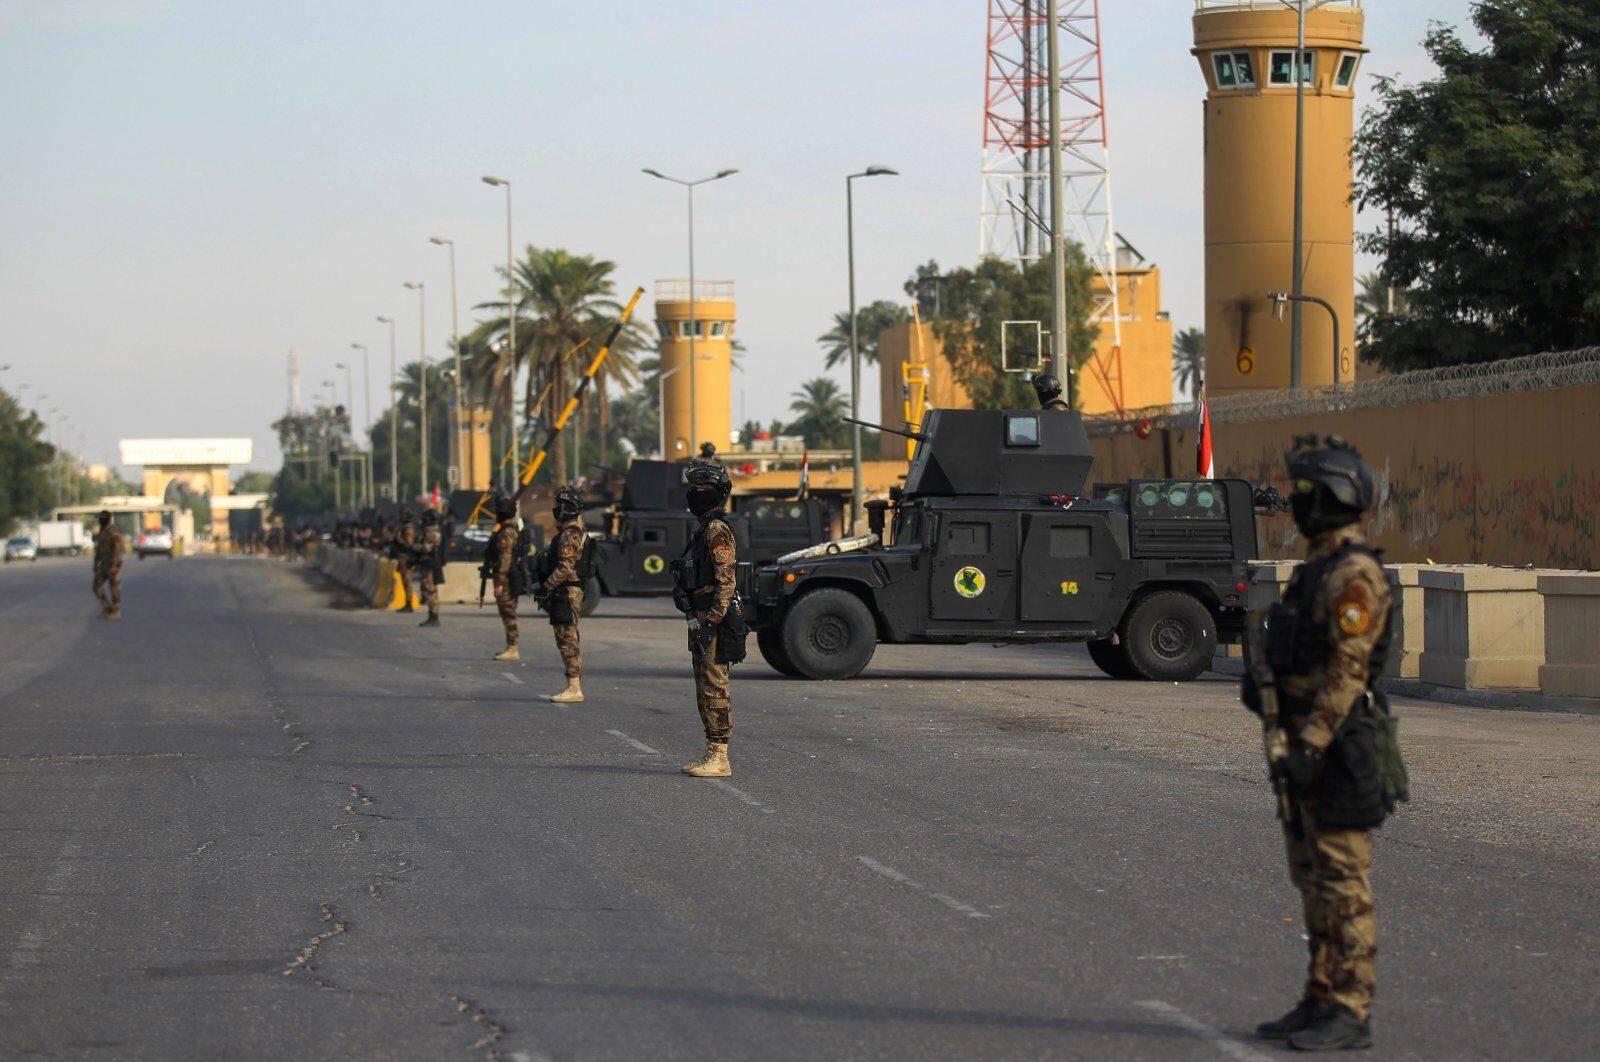 伊拉克内部矛盾缘何形成对驻伊西方国家目的的袭击?_爱游戏体育(图1)